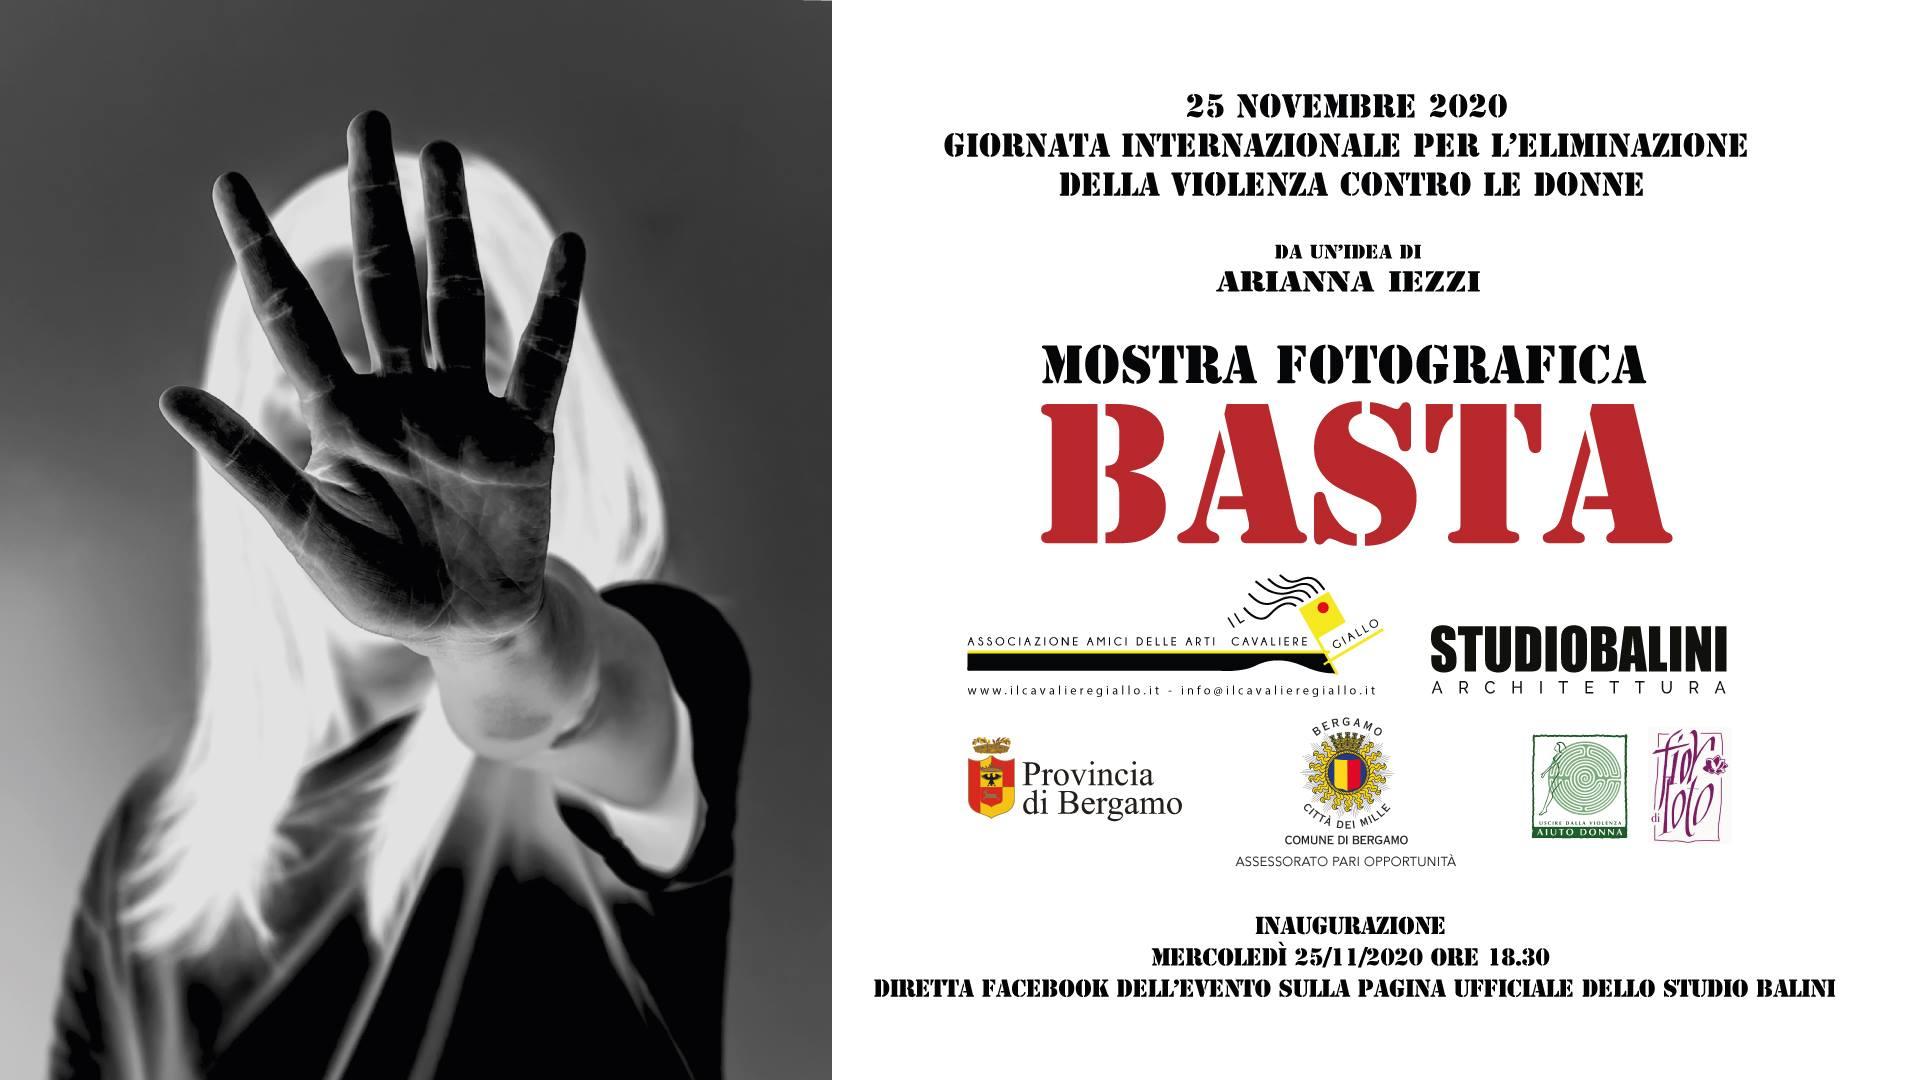 Inaugurazione della mostra fotografica BASTA